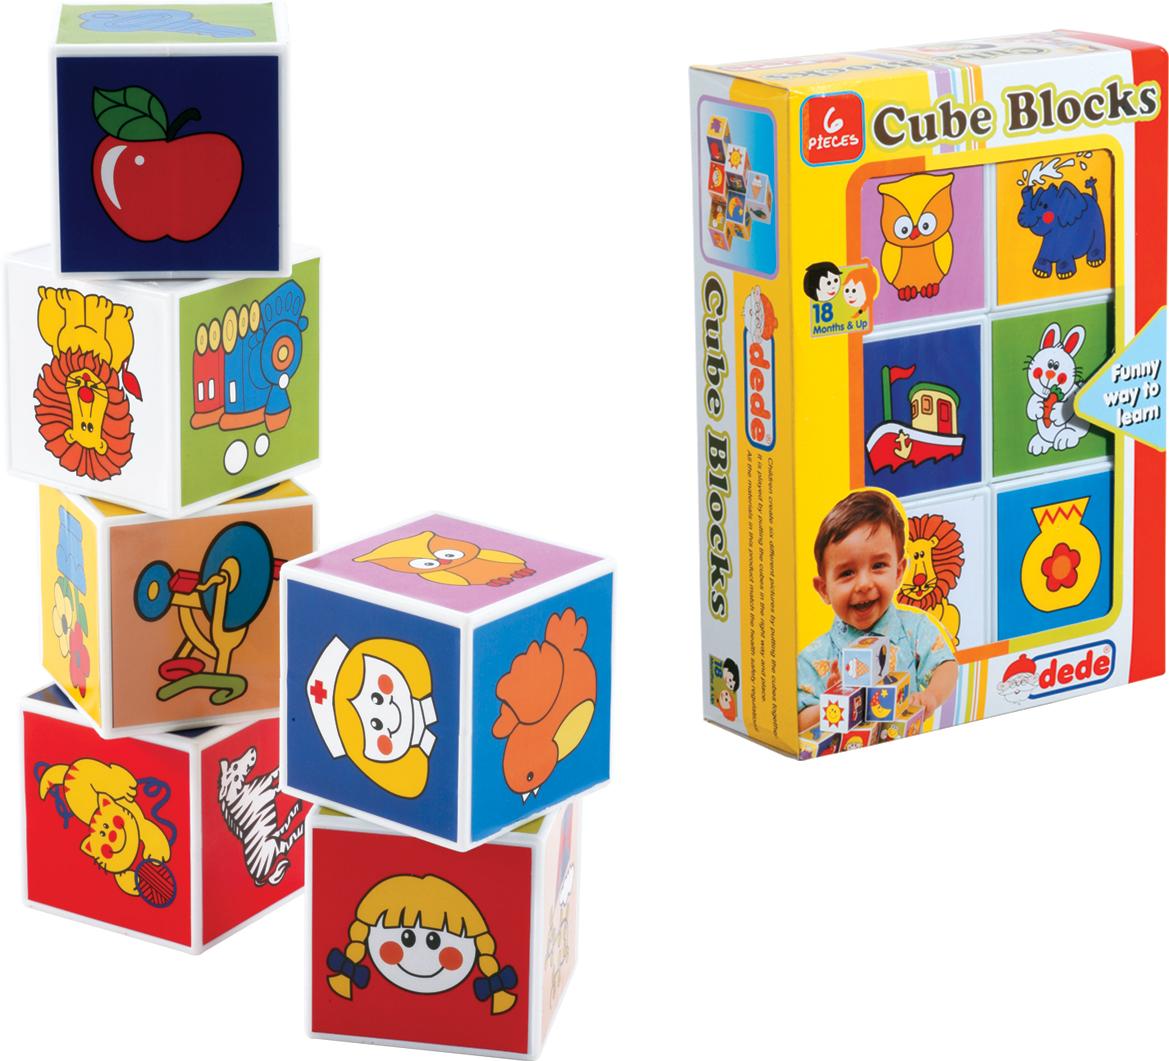 Eğitici öğretici çocuk oyuncakları